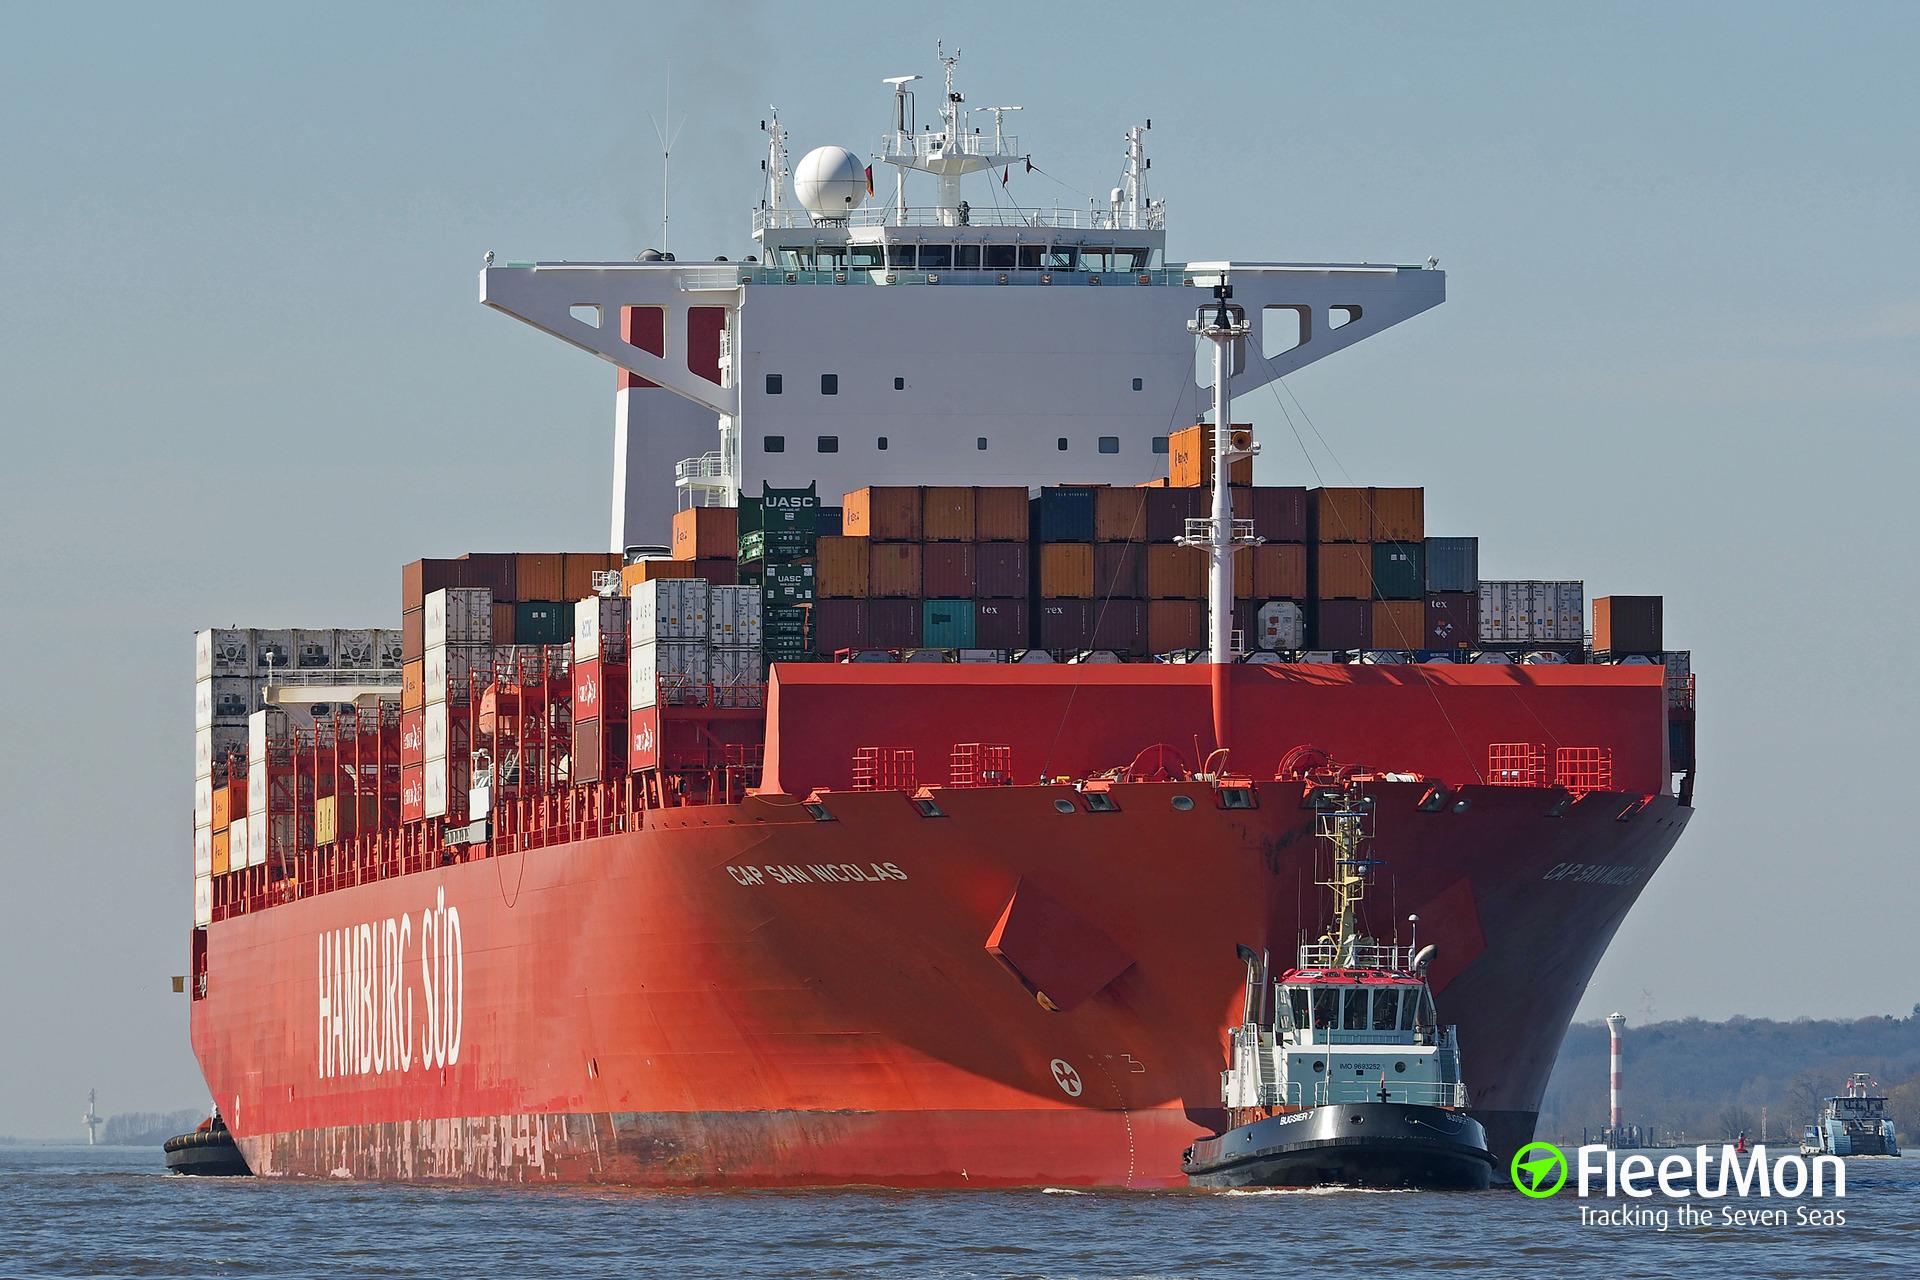 322 kilo of cocaine found in container lon board of boxship CAP SAN NICOLAS